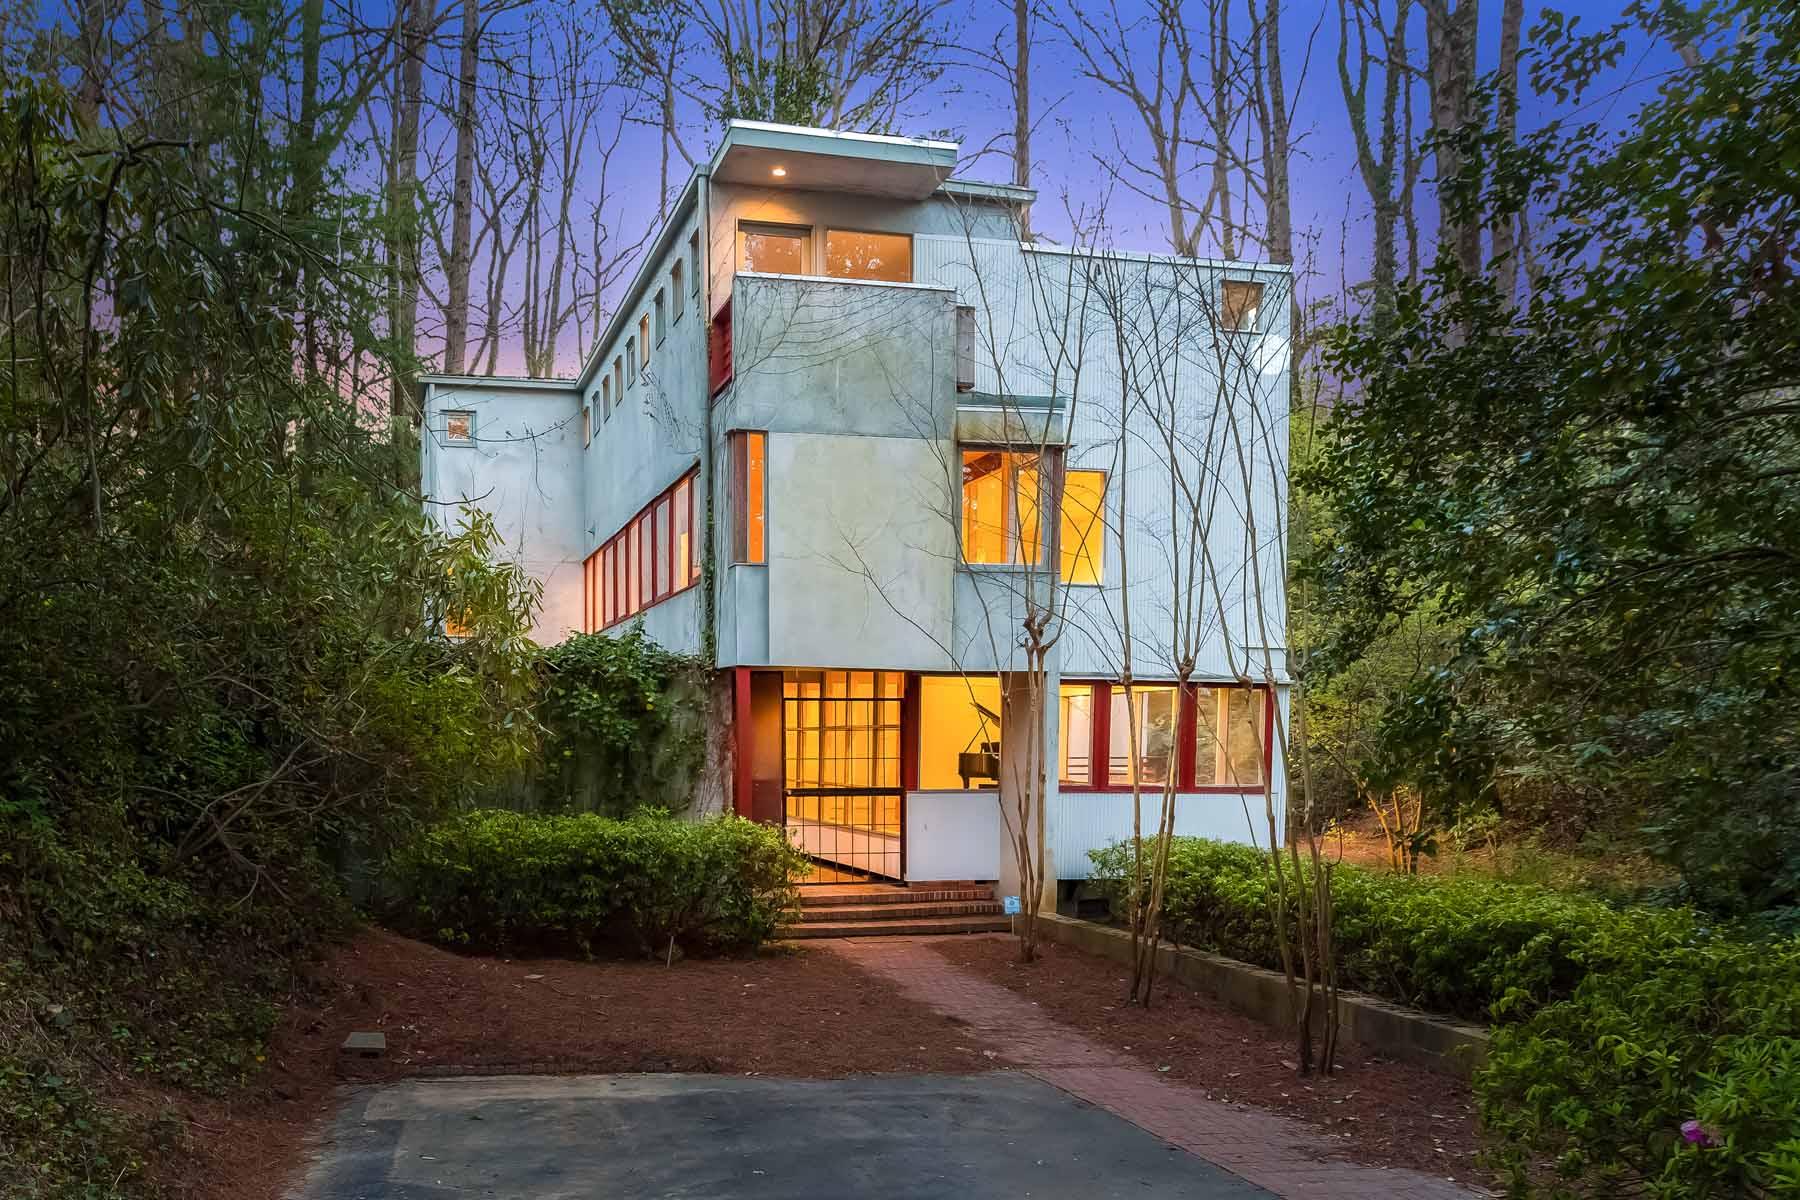 Casa Unifamiliar por un Venta en Architecturally Significant Buckhead Community 2154 Monterey Dr Springlake, Atlanta, Georgia, 30318 Estados Unidos